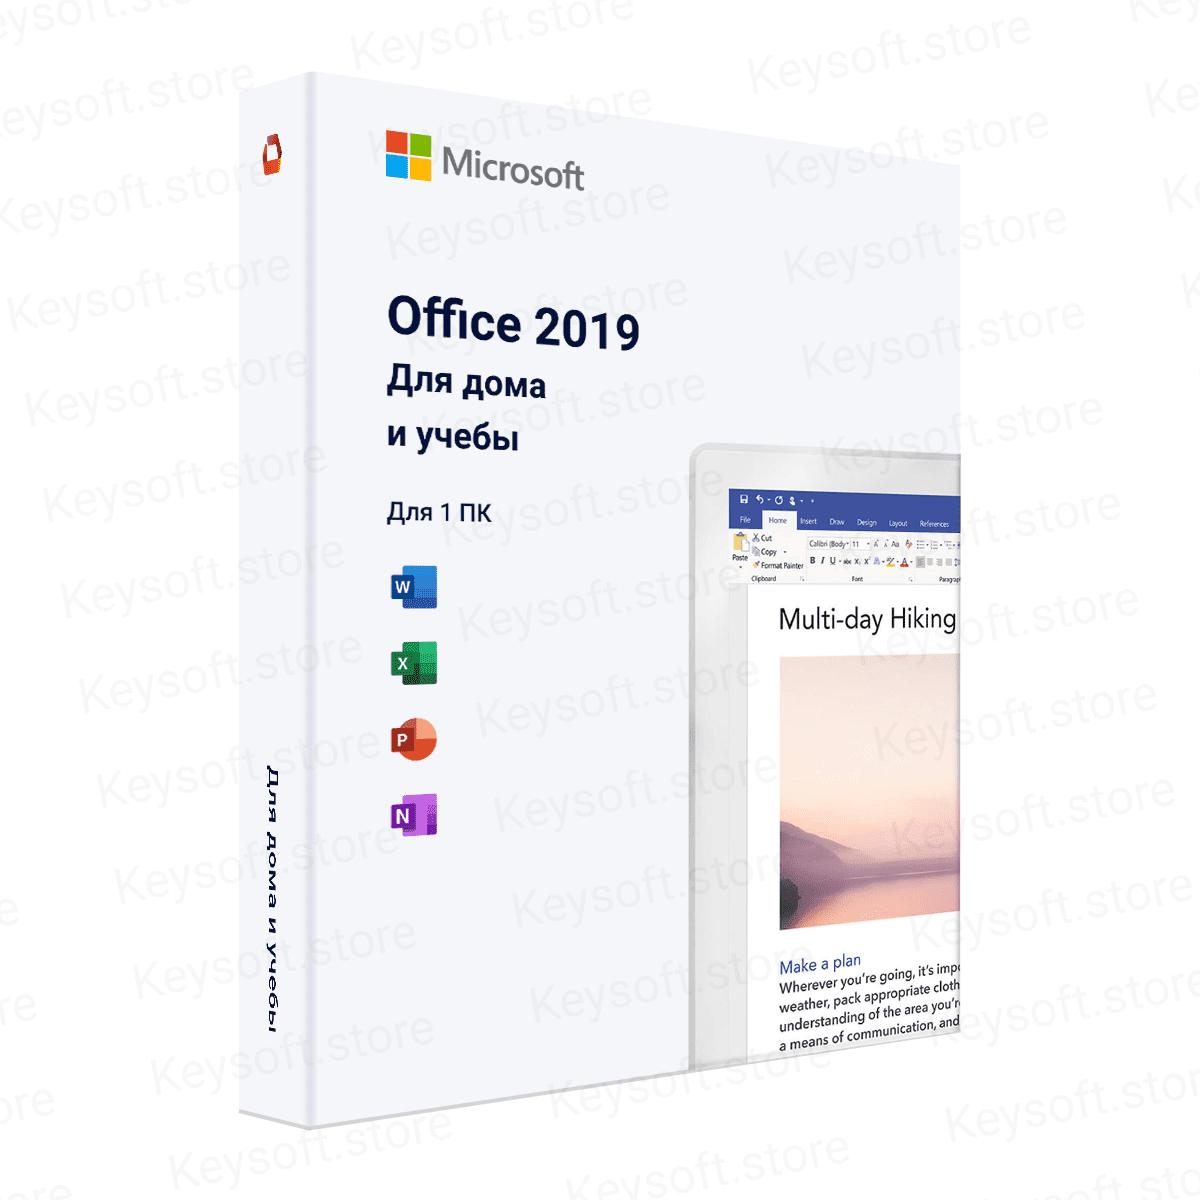 Office 2019 Для Дома и Учебы для MAC